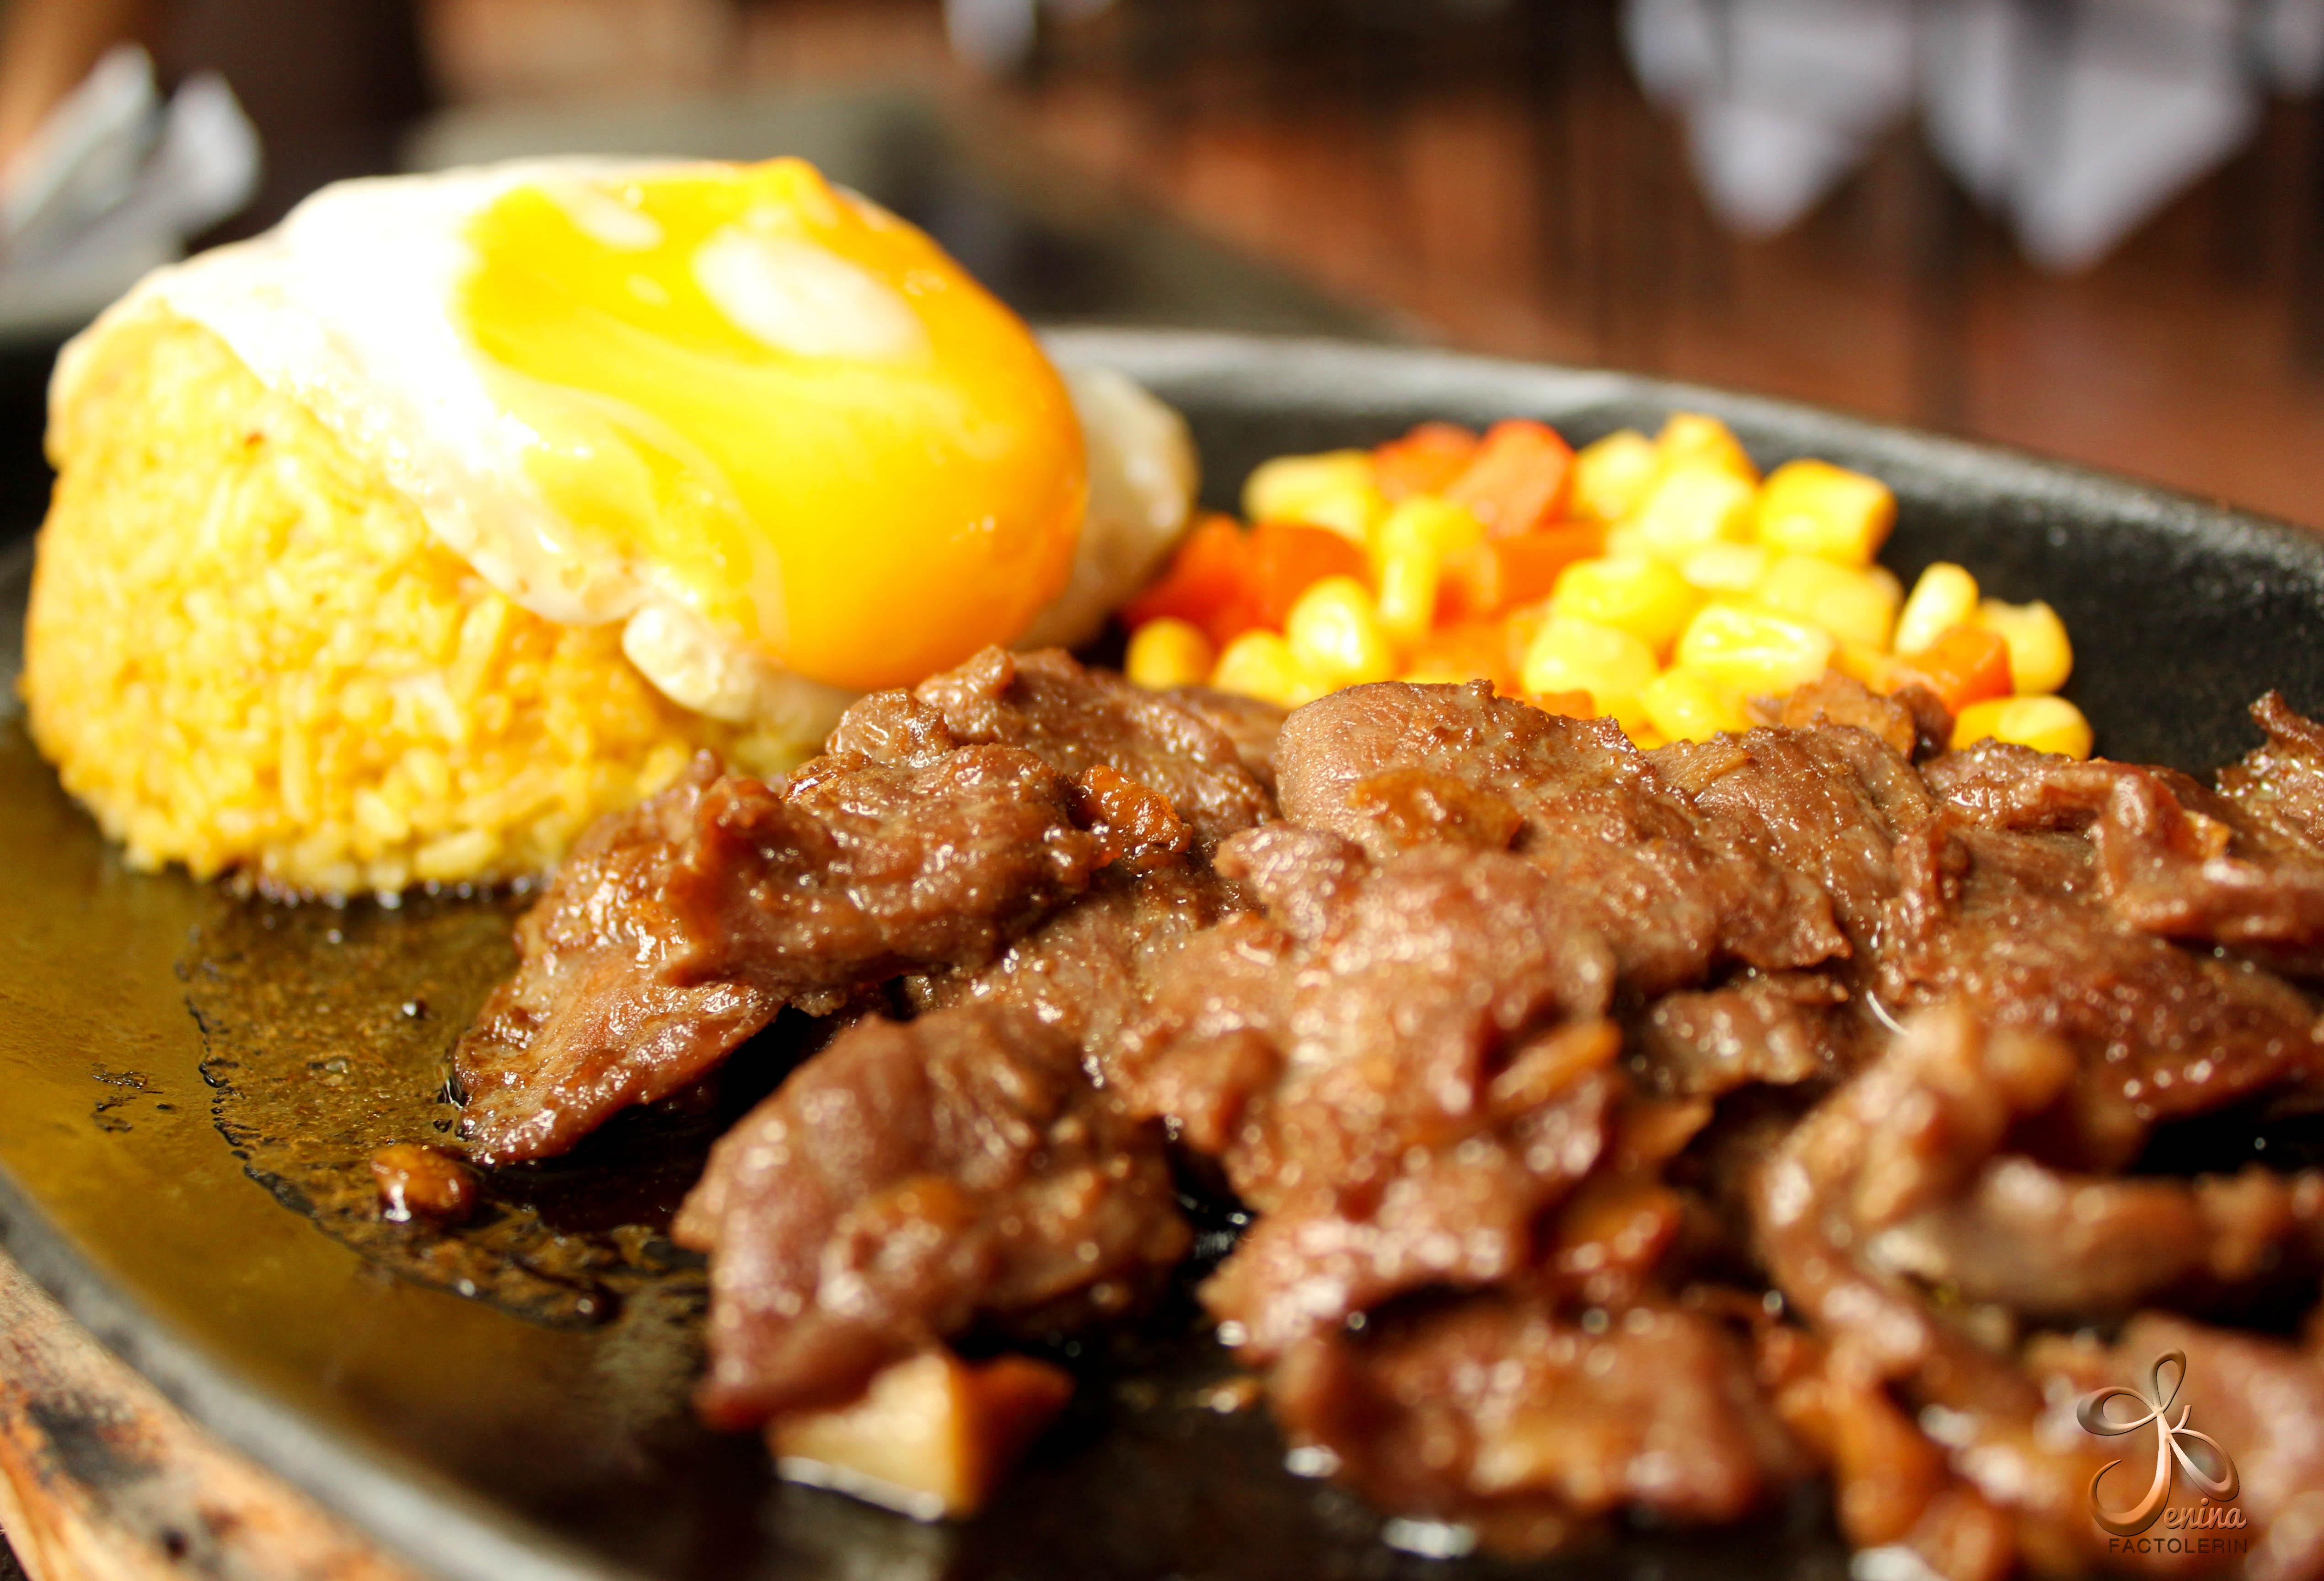 Filipinų virtuvė: ne vien ryžiai ir žuvis